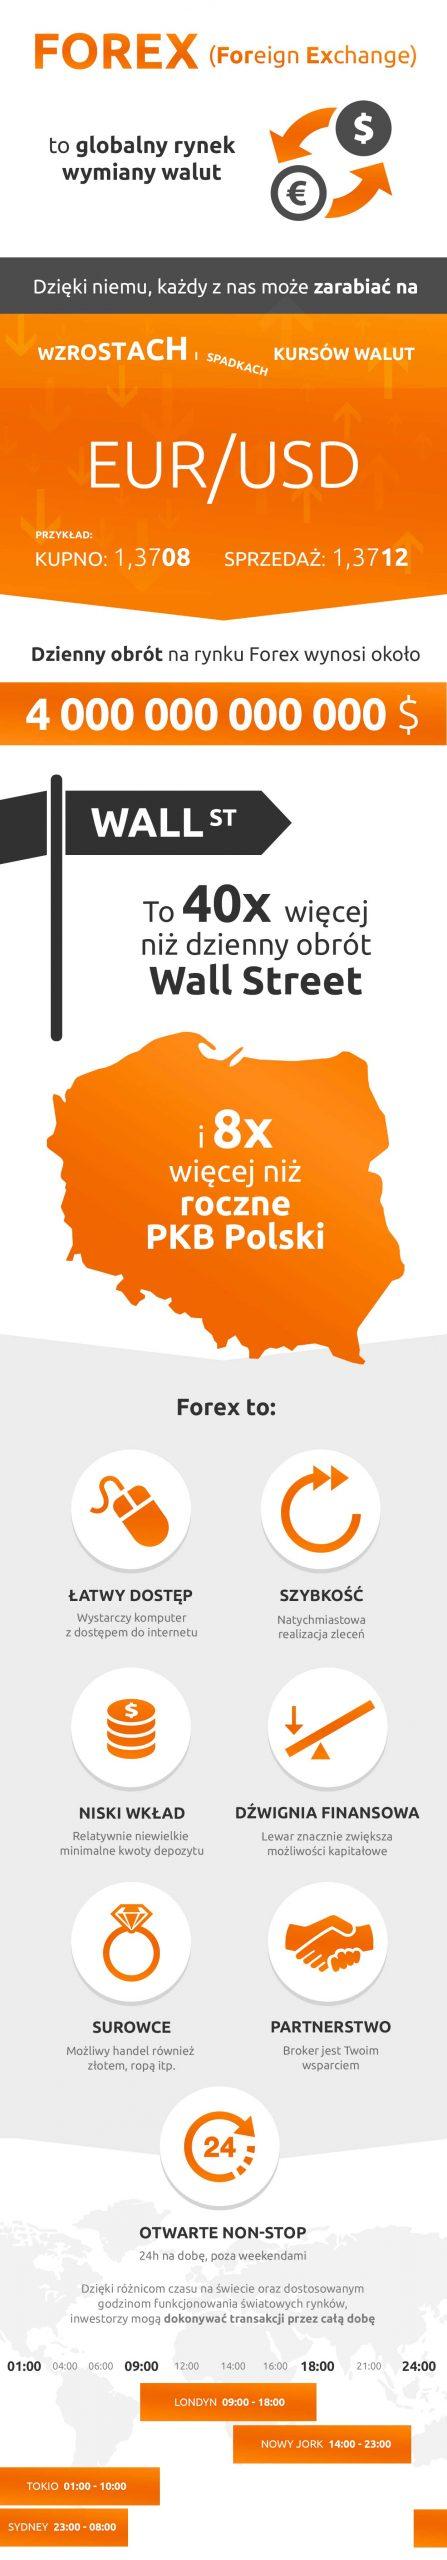 infografika cfd forex 1